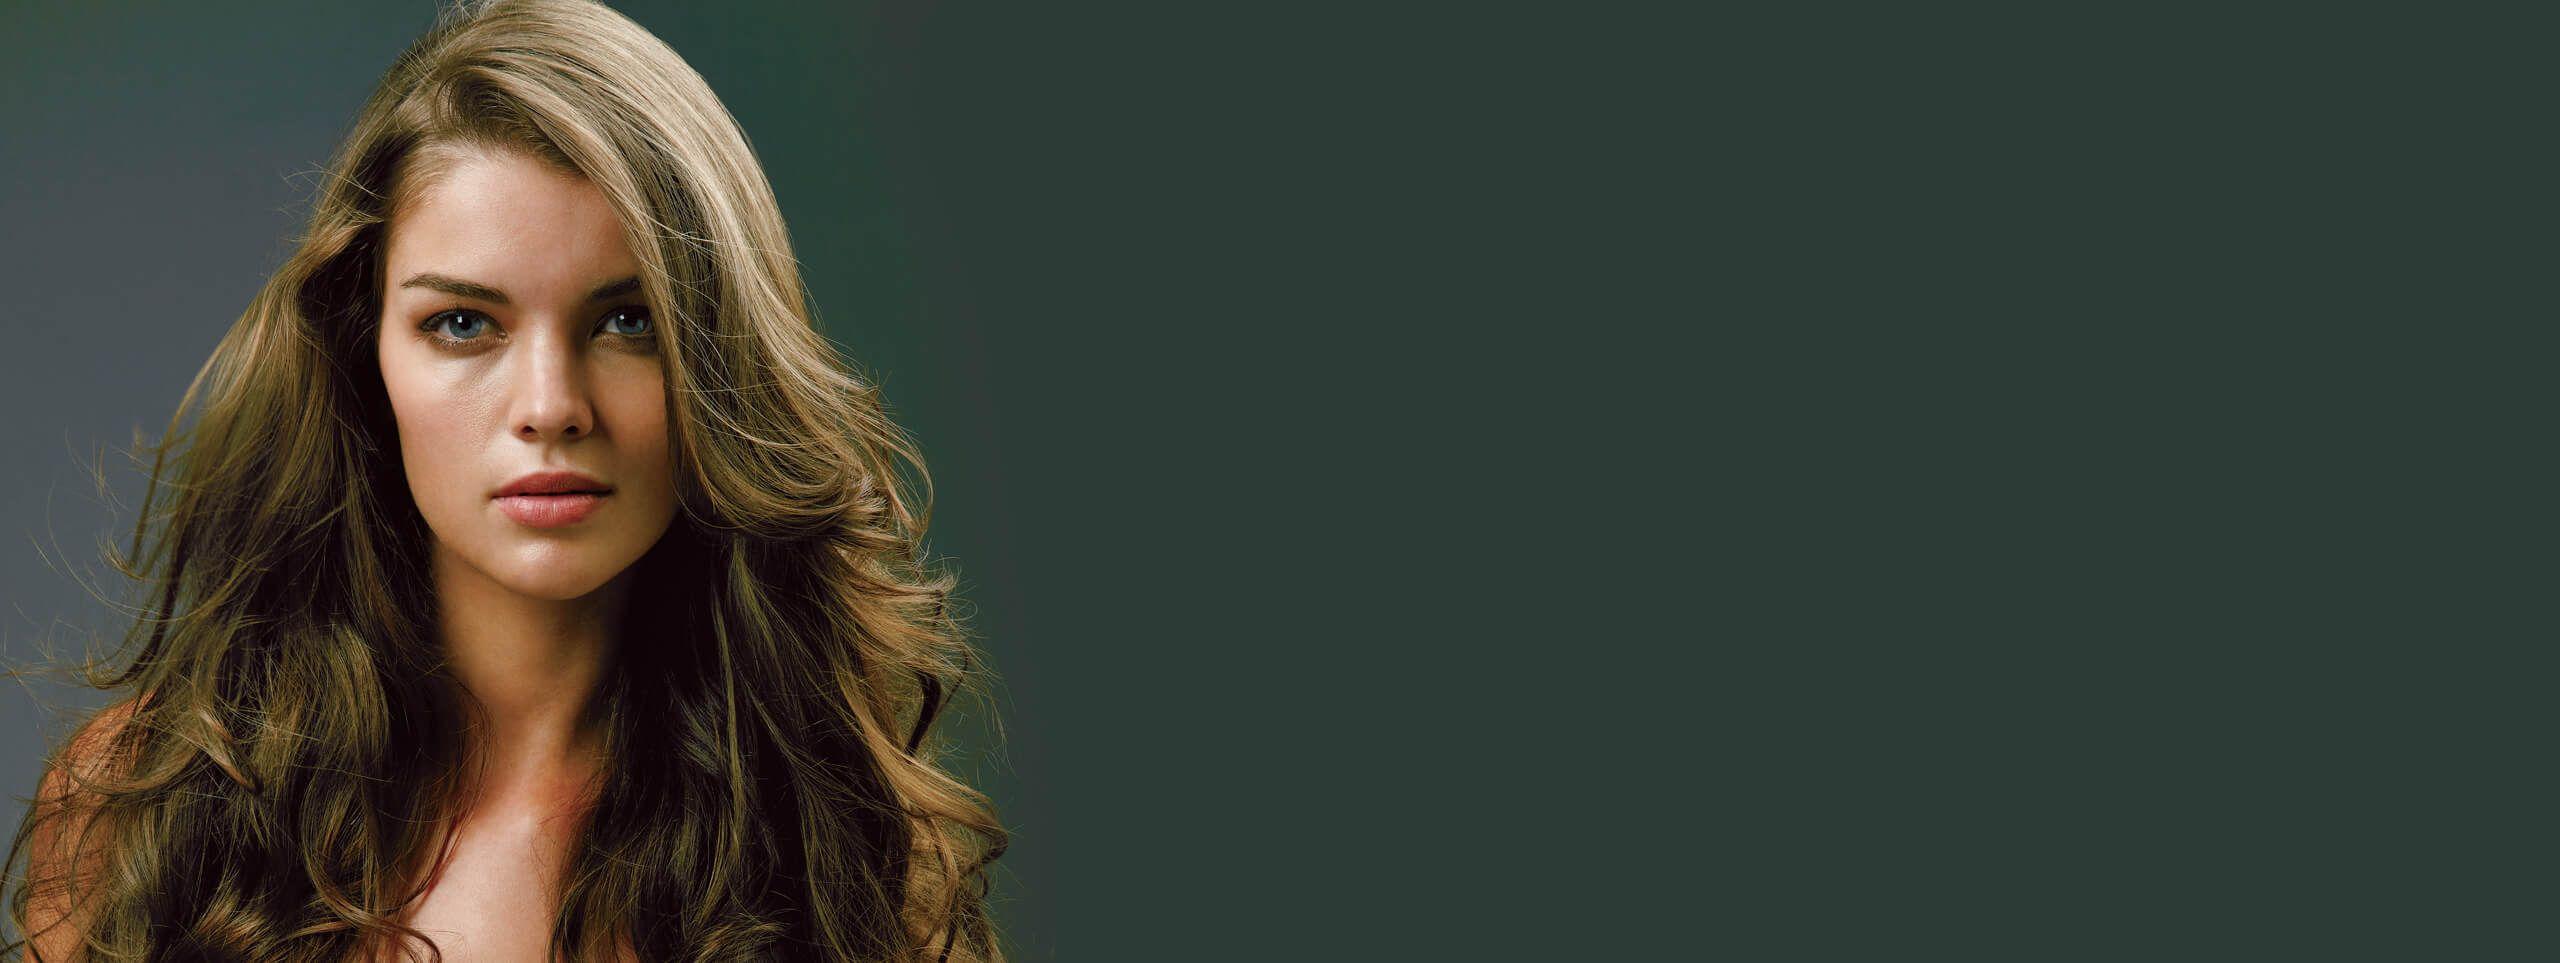 Длинные вьющиеся тонкие волосы